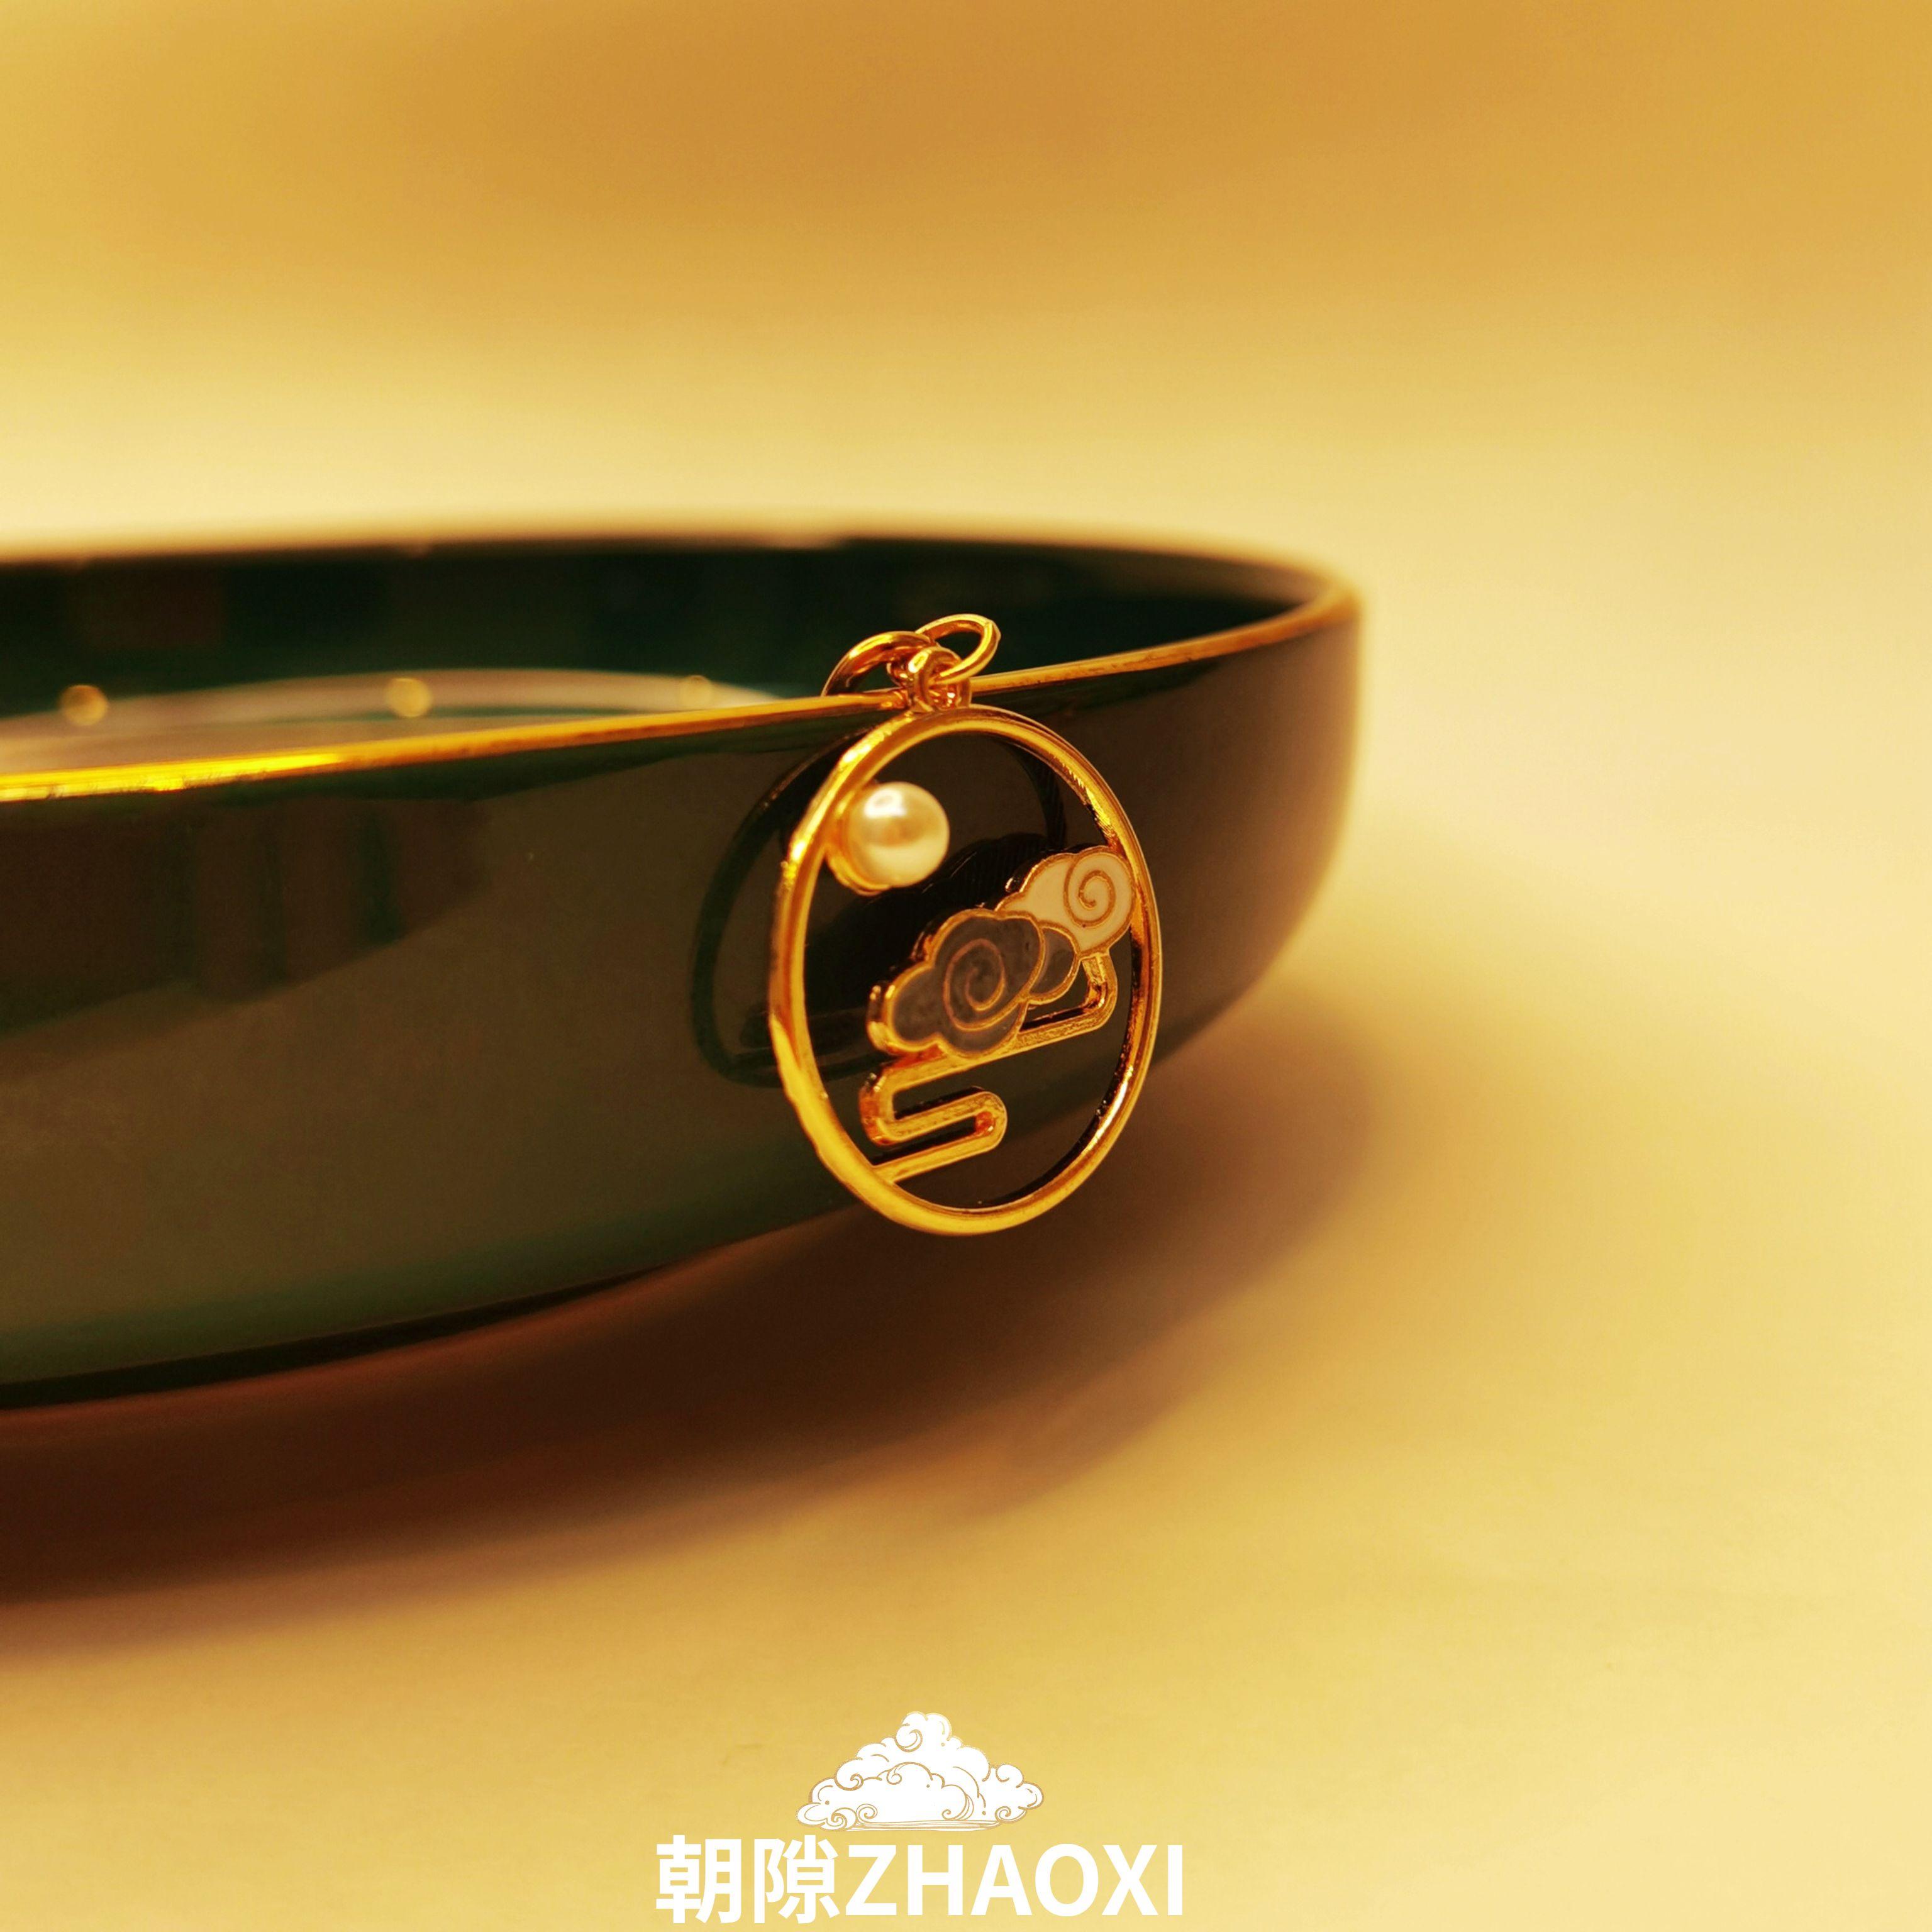 オリジナルの中国風故宮の祥雲の鍵の鎖の国の湿った装飾の帆布のバッグのペンダントの金属の車は掛けます